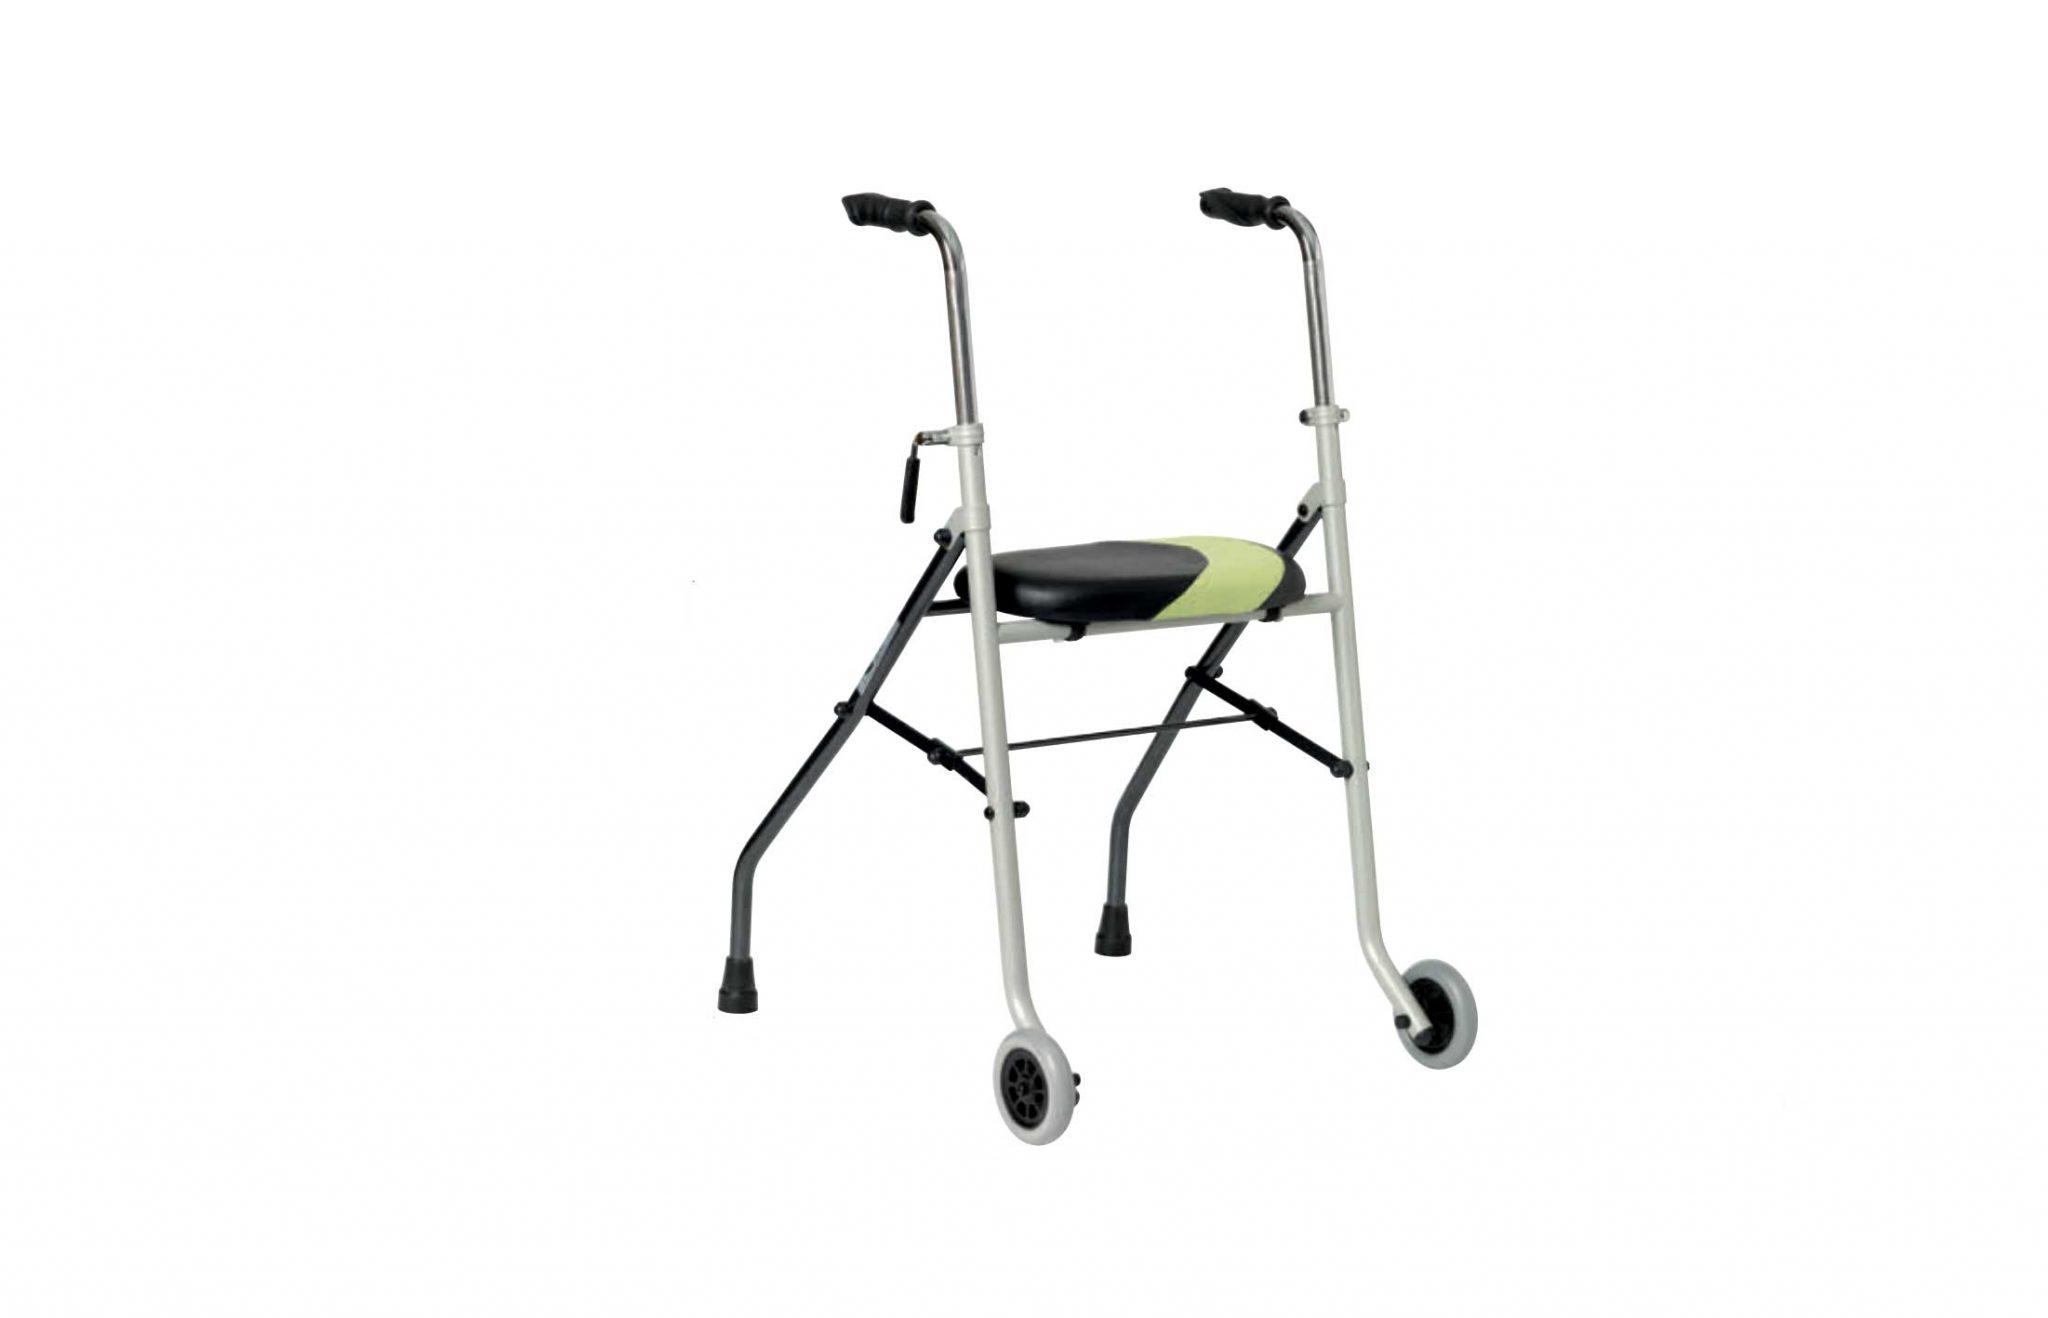 Andarilho com assento verde e preto, visto de perfil.